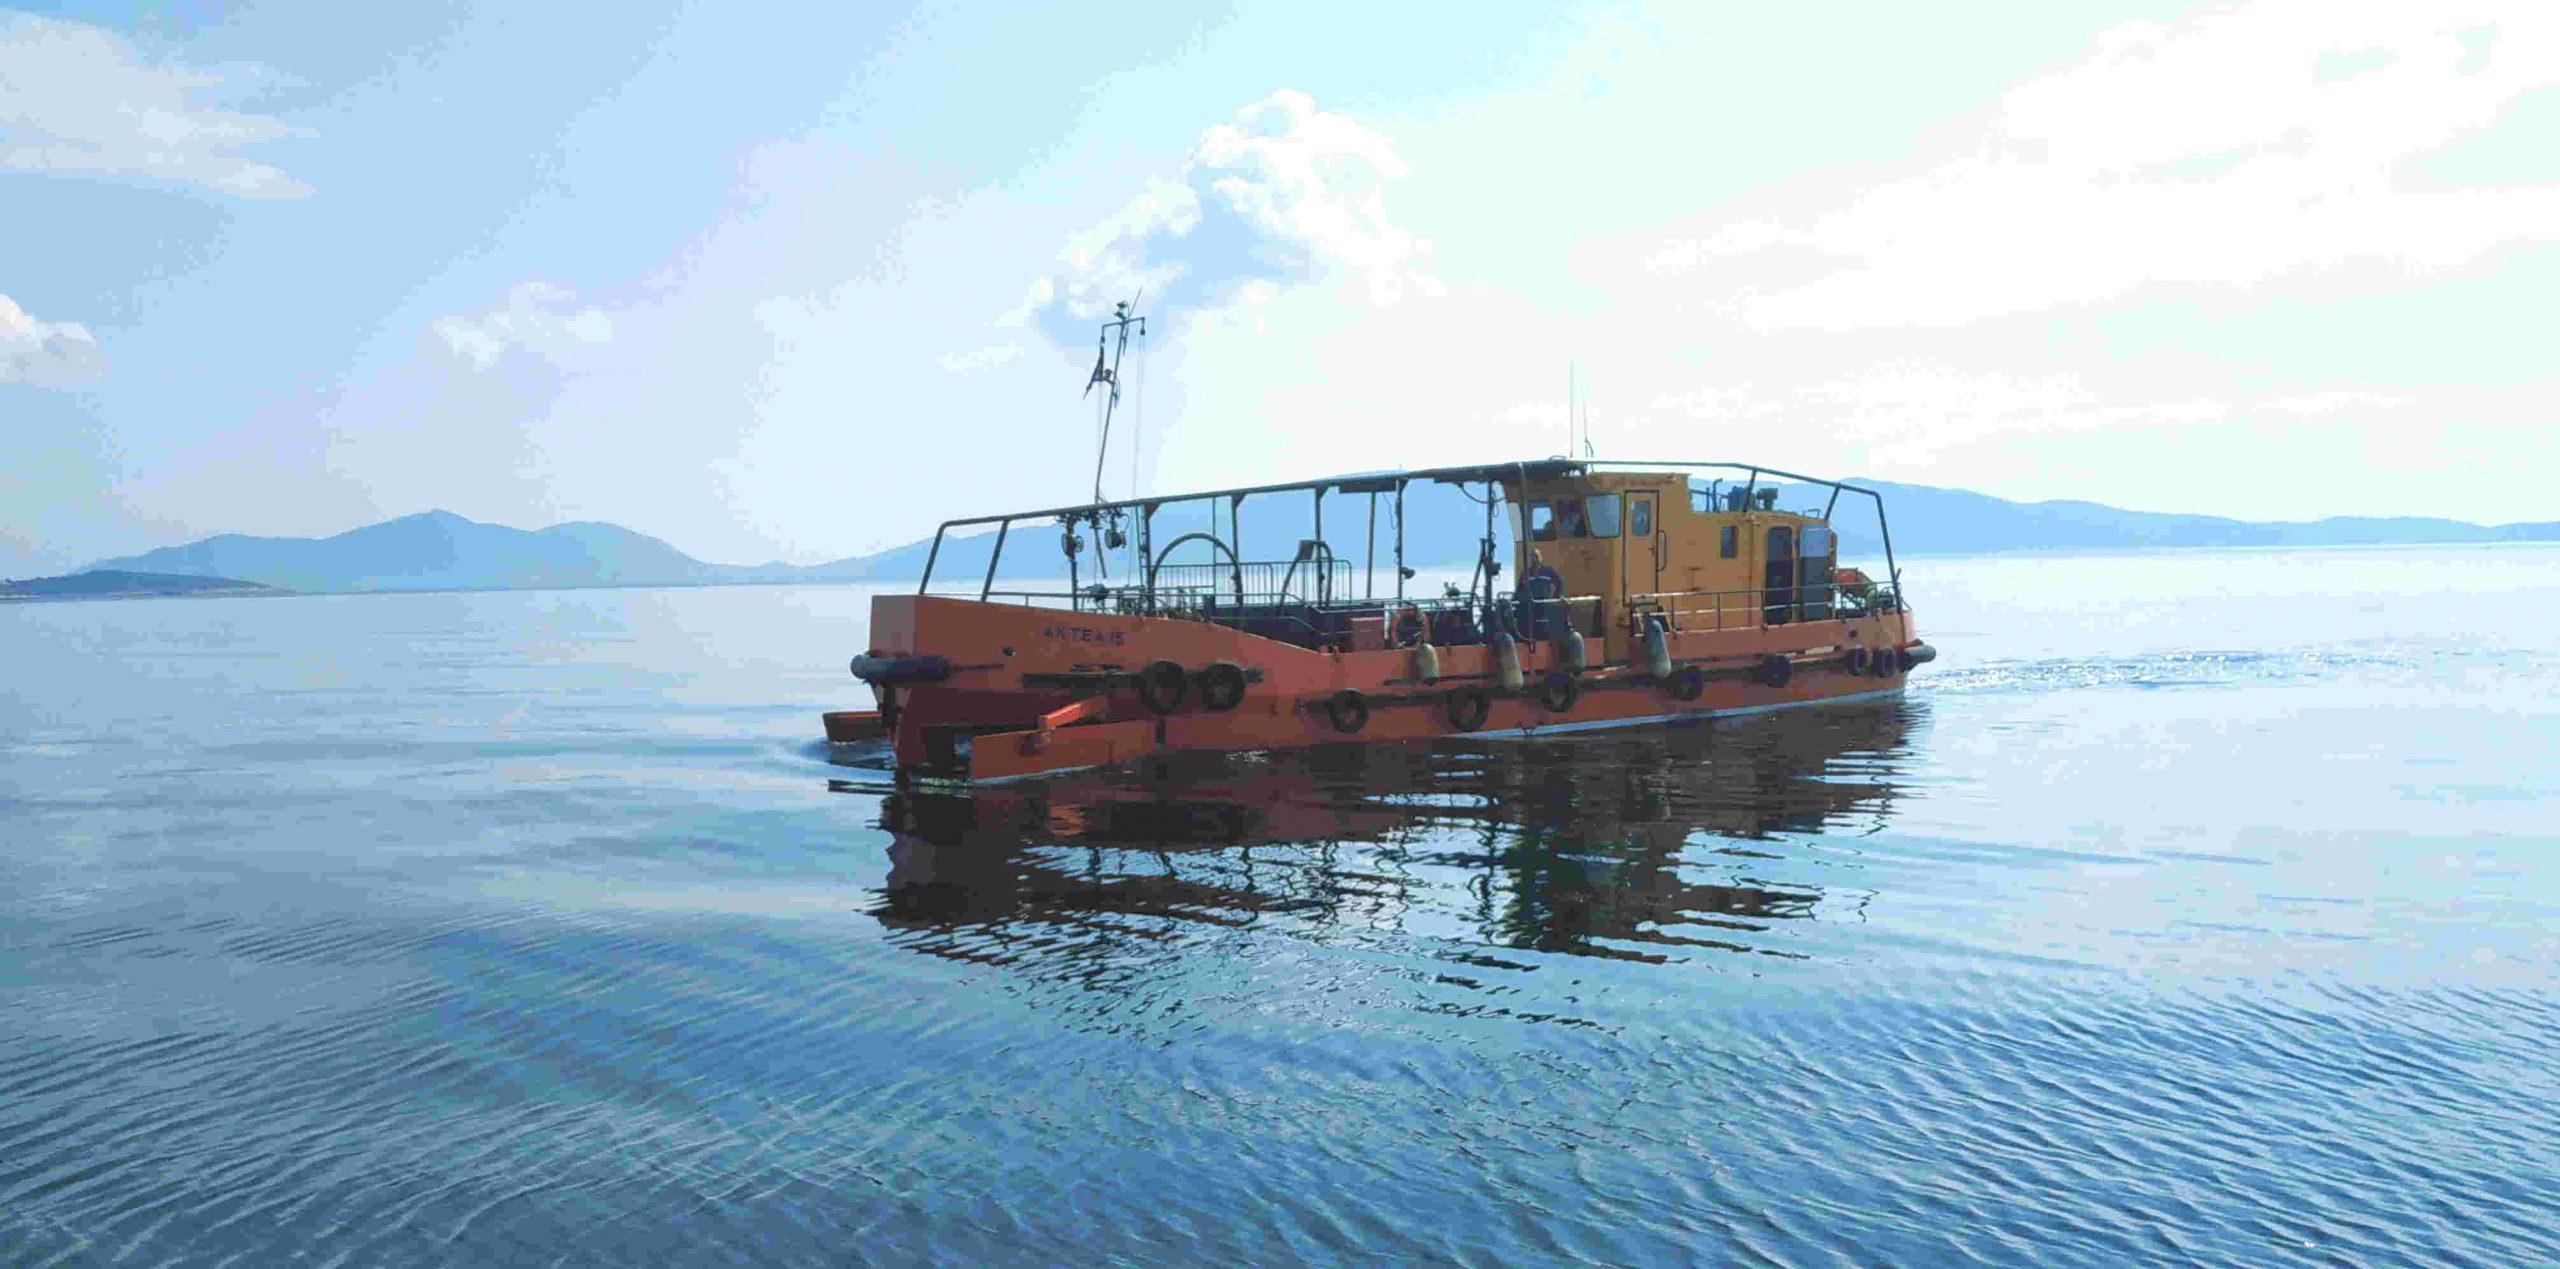 You are currently viewing Μόνιμα πλέον στην Ελευσίνα το αντιρρυπαντικό σκάφος ΑΚΤΑΙΑ για την ταχύτερη αντιμετώπιση τυχόν περιστατικών θαλάσσιας ρύπανσης